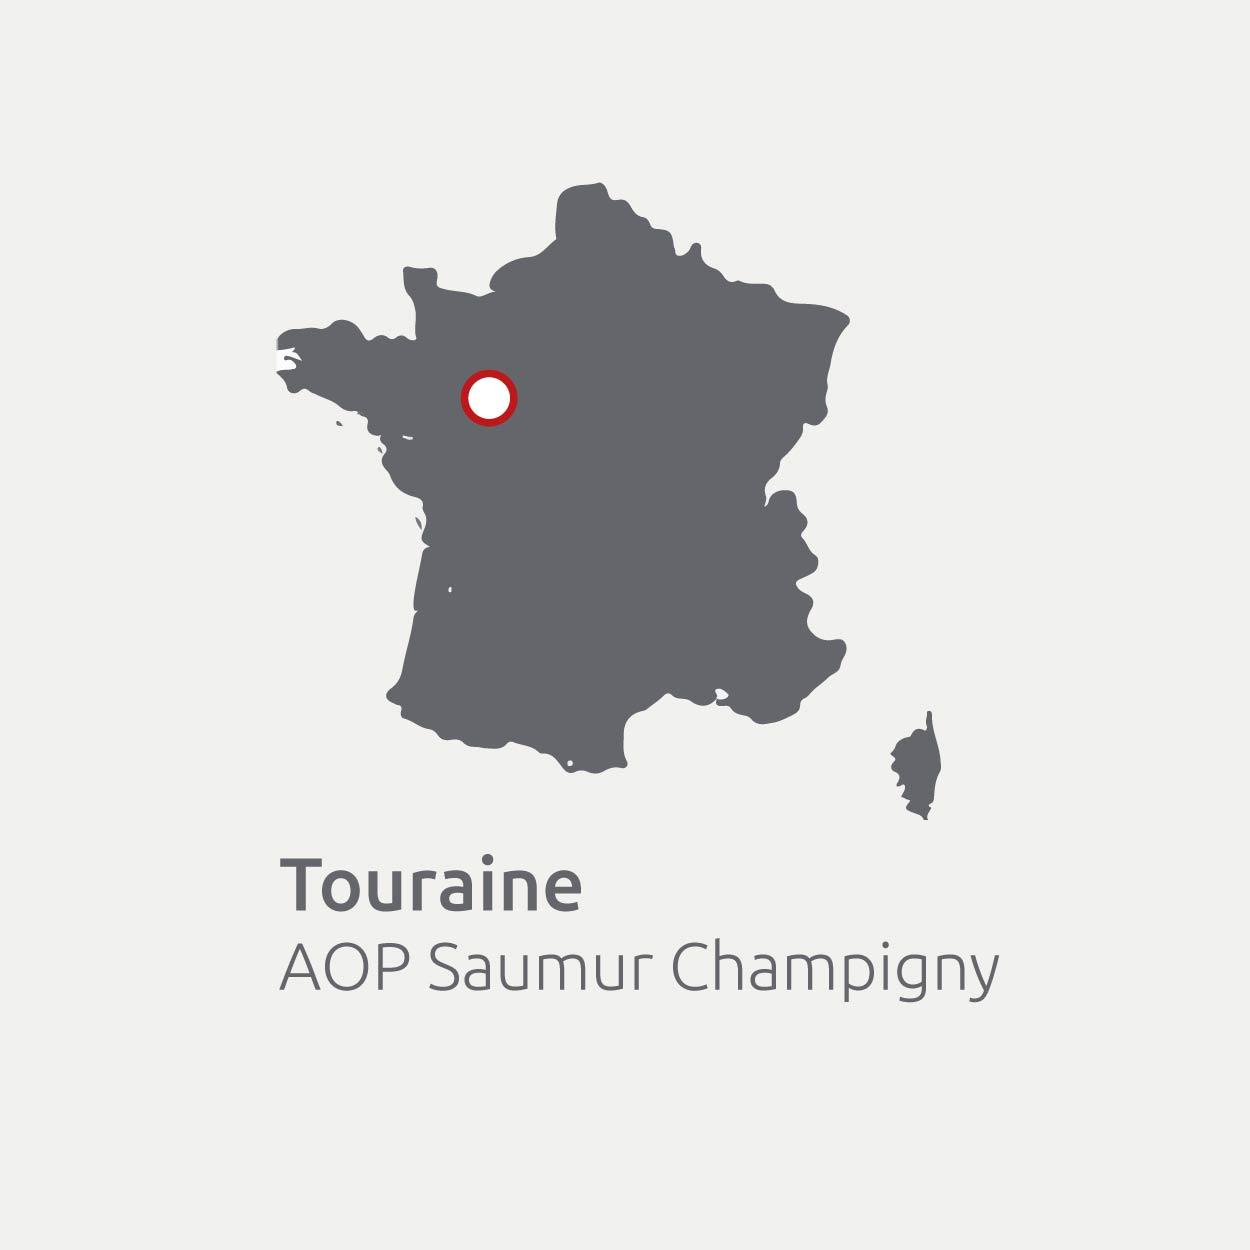 aop_saumurchampigny